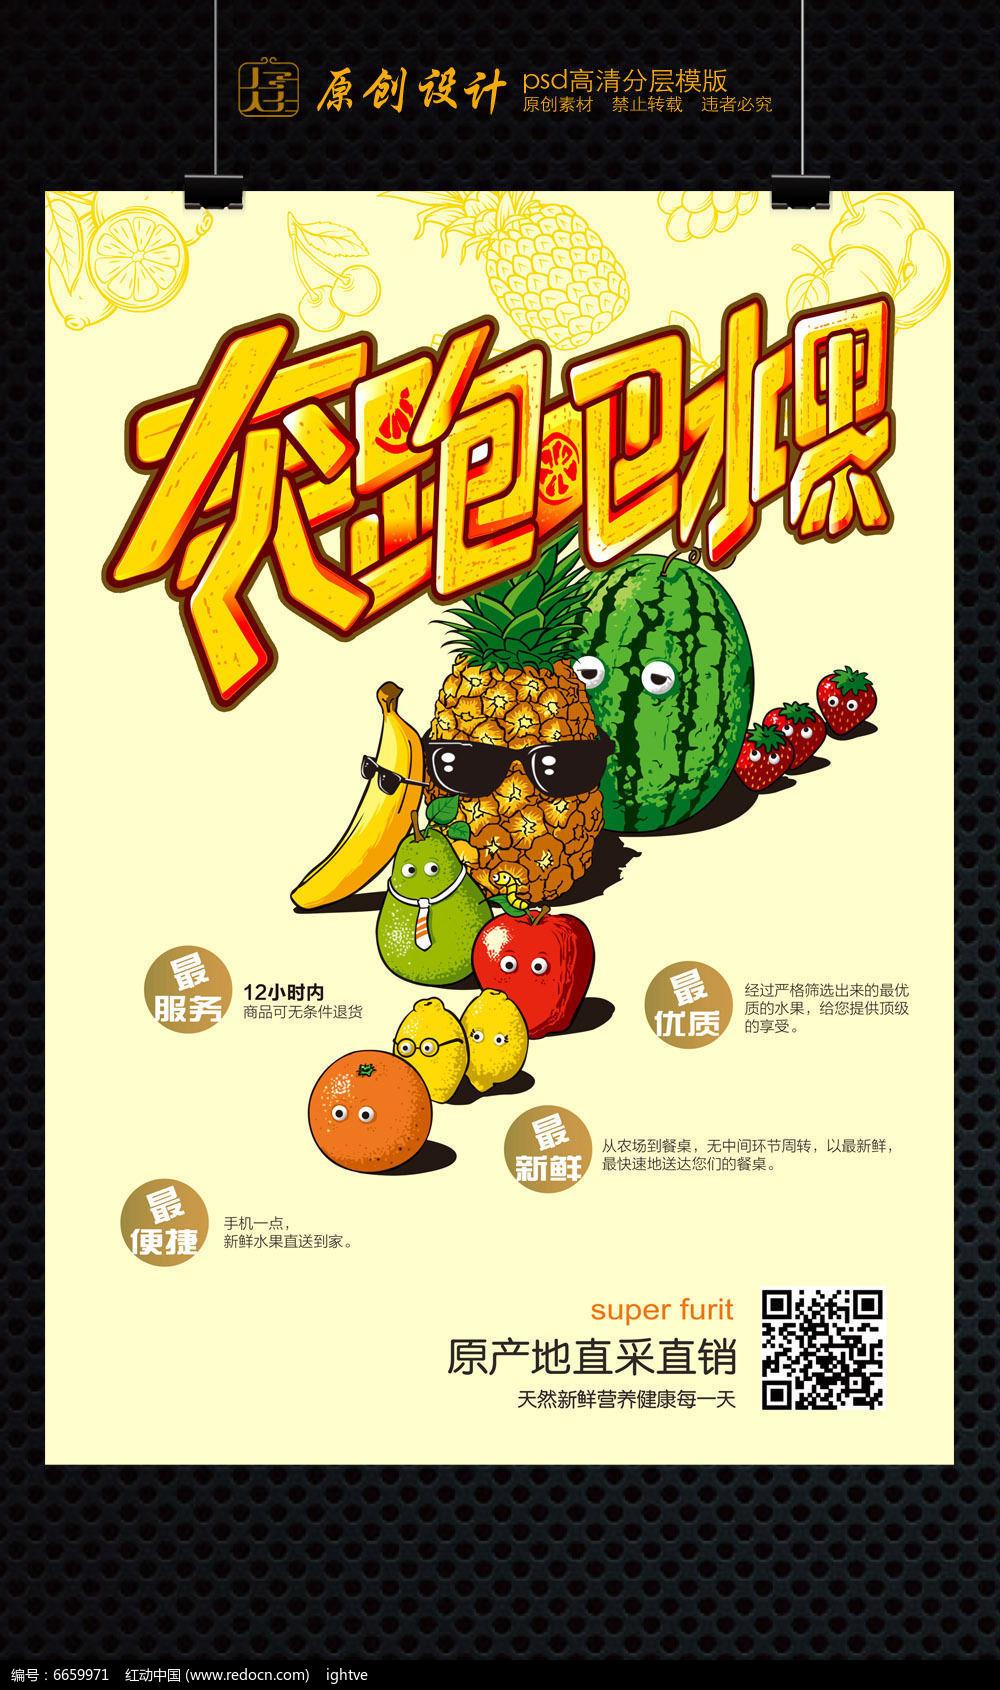 海报设计 奔跑吧水果水果促销海报  请您分享: 素材描述:红动网提供海图片